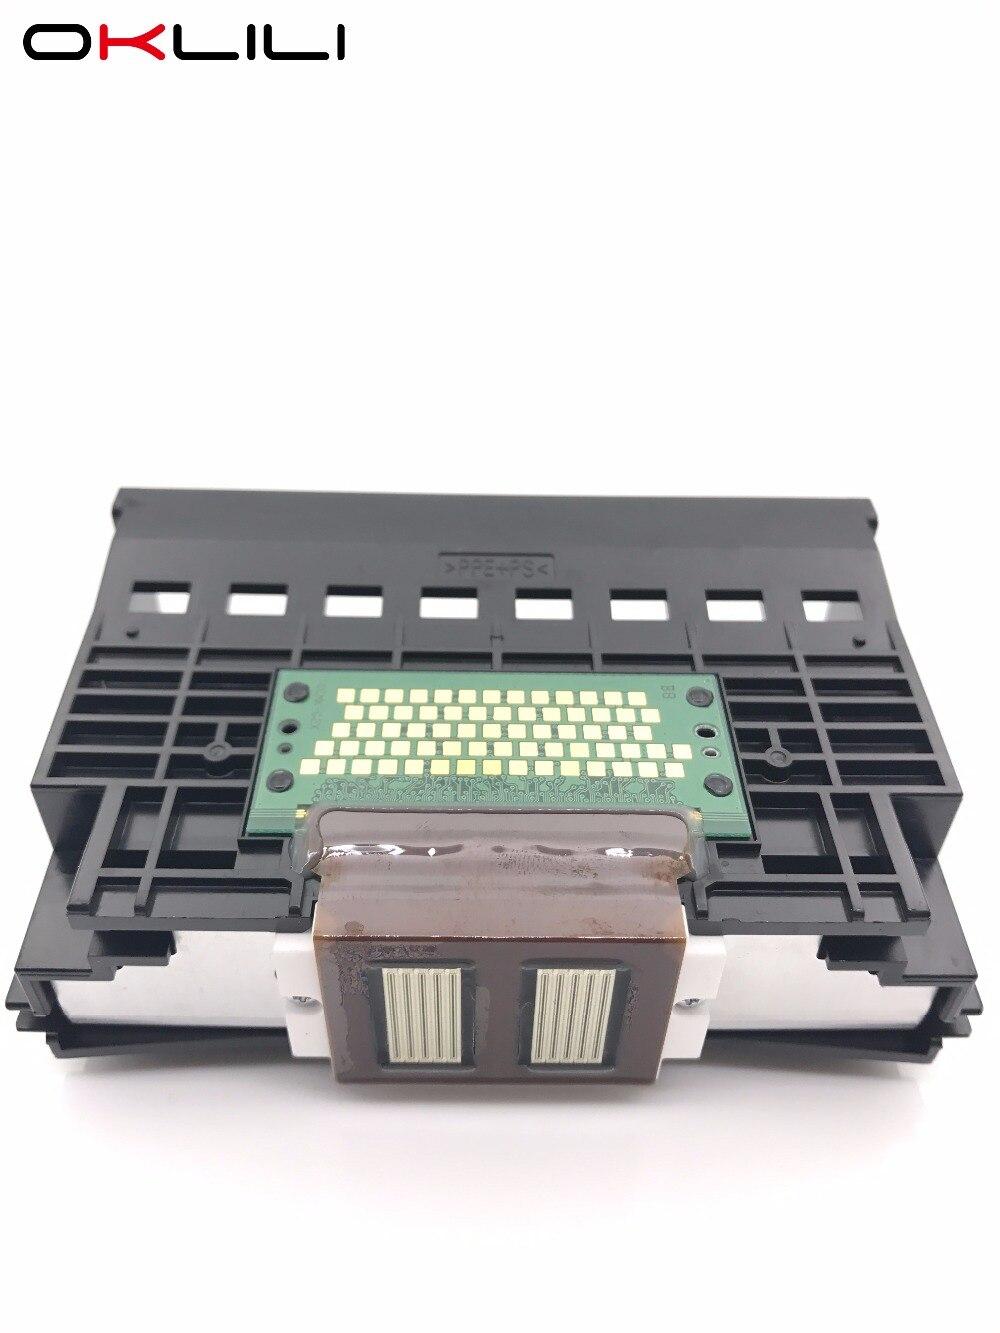 Cabeça de Impressão da Cabeça de Impressora para Canon Oklili Japão I9900 I9950 Ip8600 Ip8500 Ip9100 Qy6-0055 Qy6-0055-000 9900i